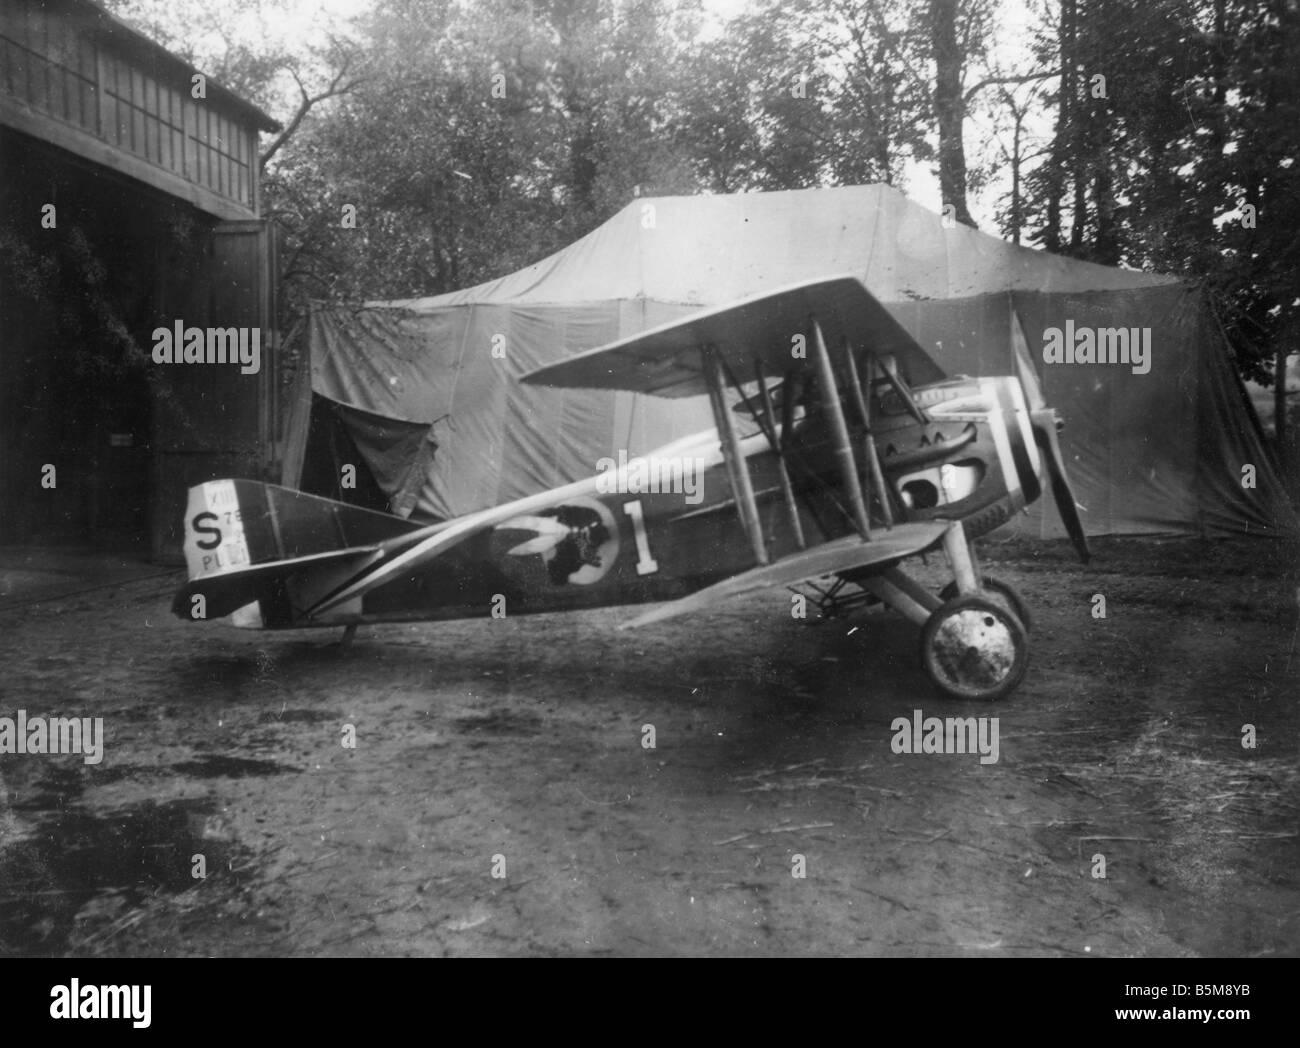 La PREMIÈRE GUERRE MONDIALE avion français Spad XIII Histoire de la guerre aérienne DE LA PREMIÈRE GUERRE MONDIALE avion de combat français Spad XIII volé en 1917 au début de 1918 photo 18 Banque D'Images